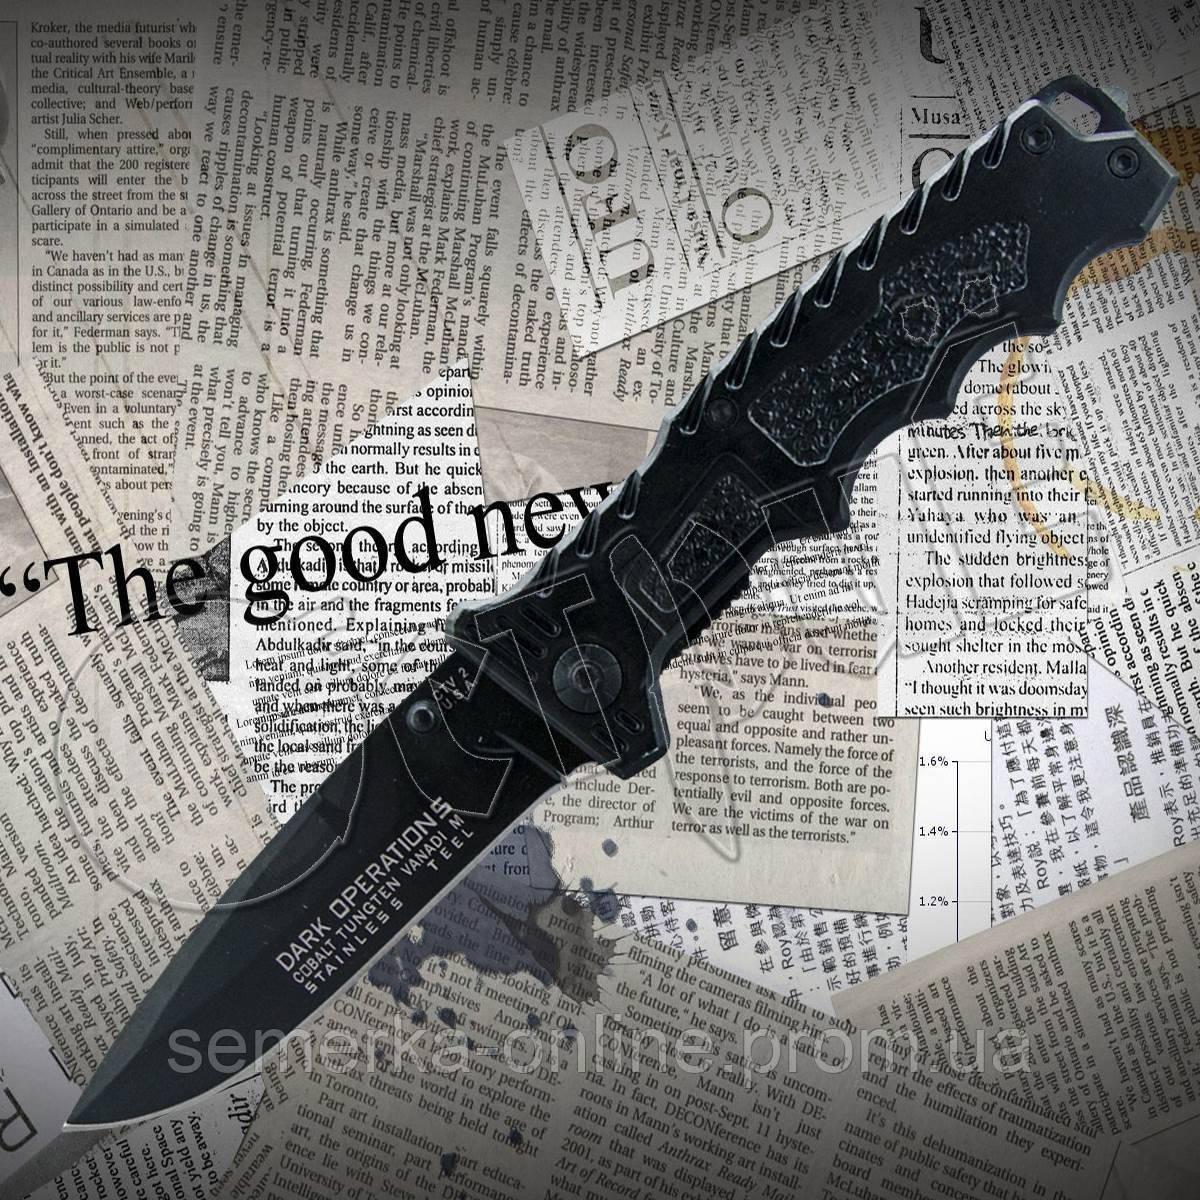 Нож складной №605 из нержавеющей стали. Эргономичная рукоять. Цвет - черный. Отменное качество